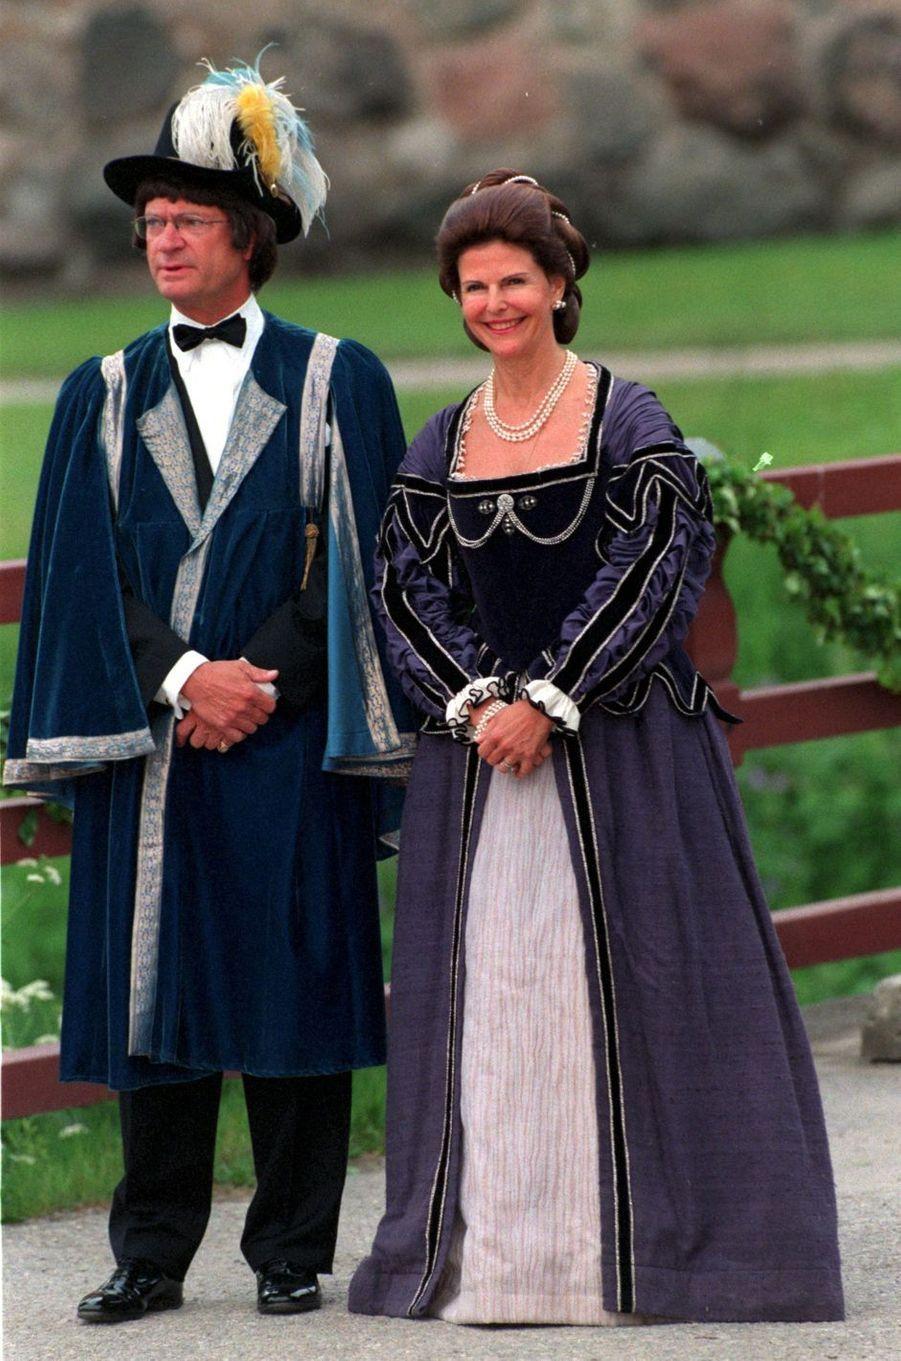 La reine Silvia de Suède avec le roi Carl XVI Gustaf, pour leurs 25 ans de mariage, le 18 juin 2001